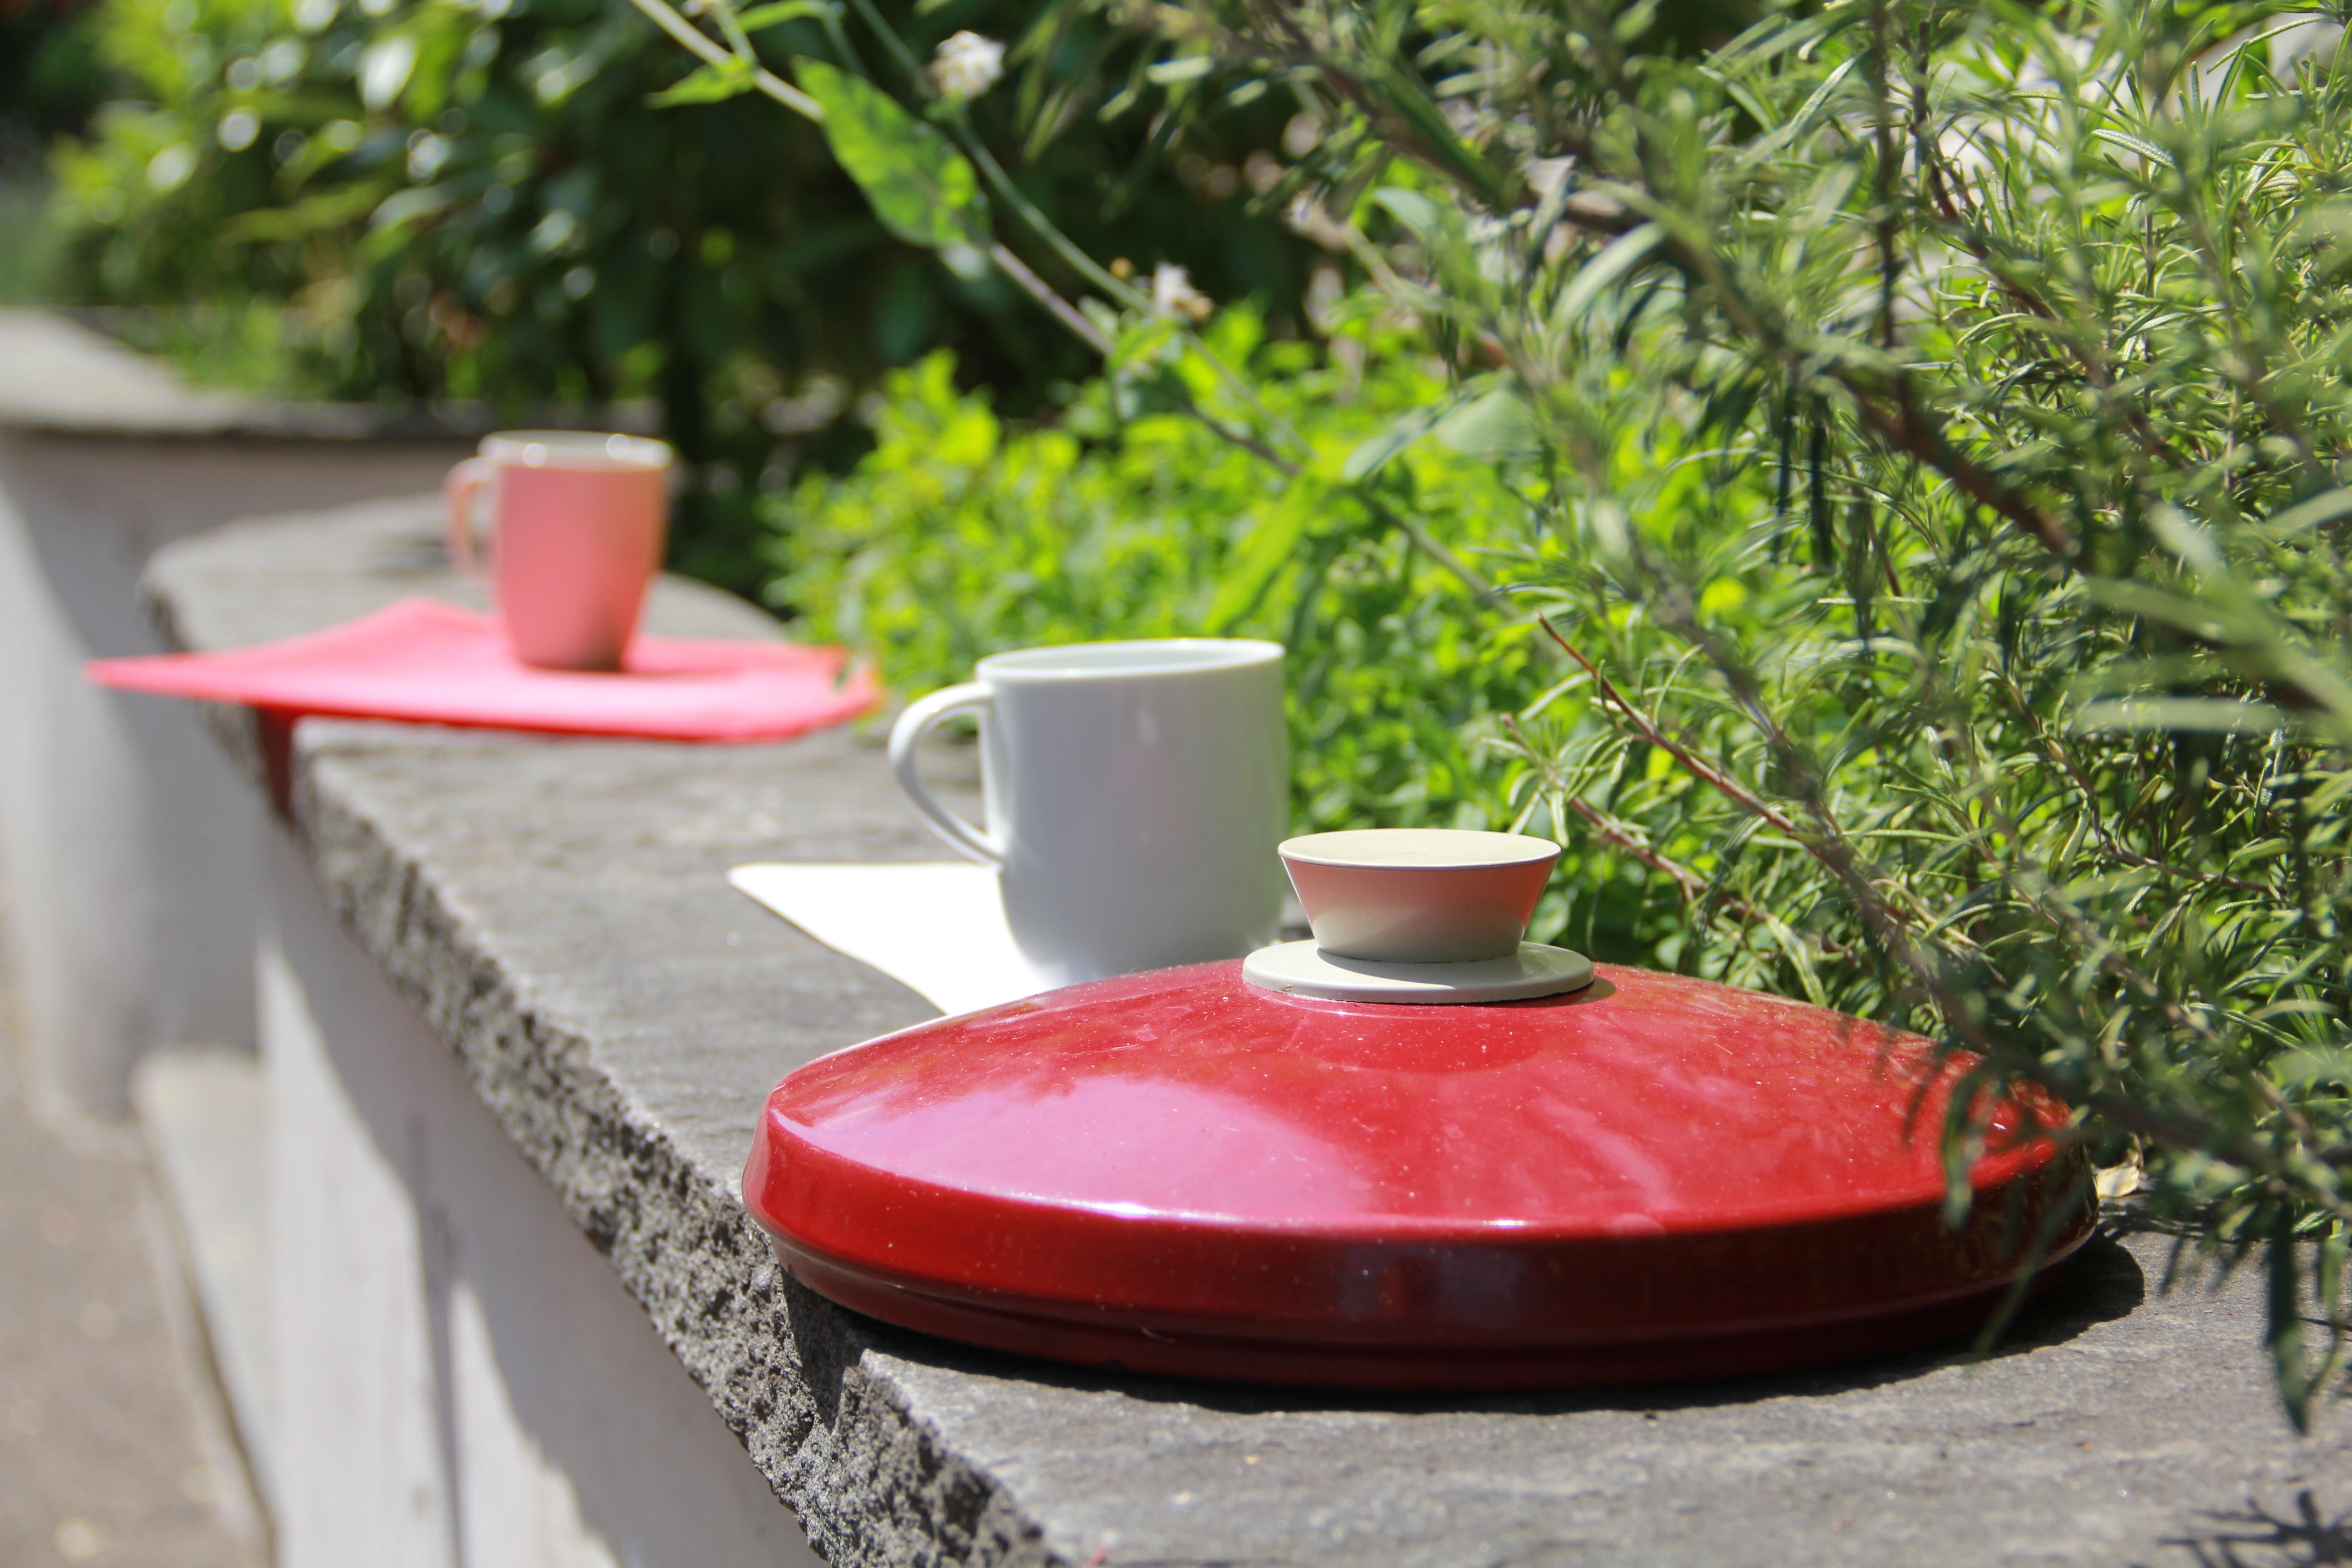 Für den Küchenbedarf: Pfannendeckel und Tassen sonnen sich an der Landskronstrasse